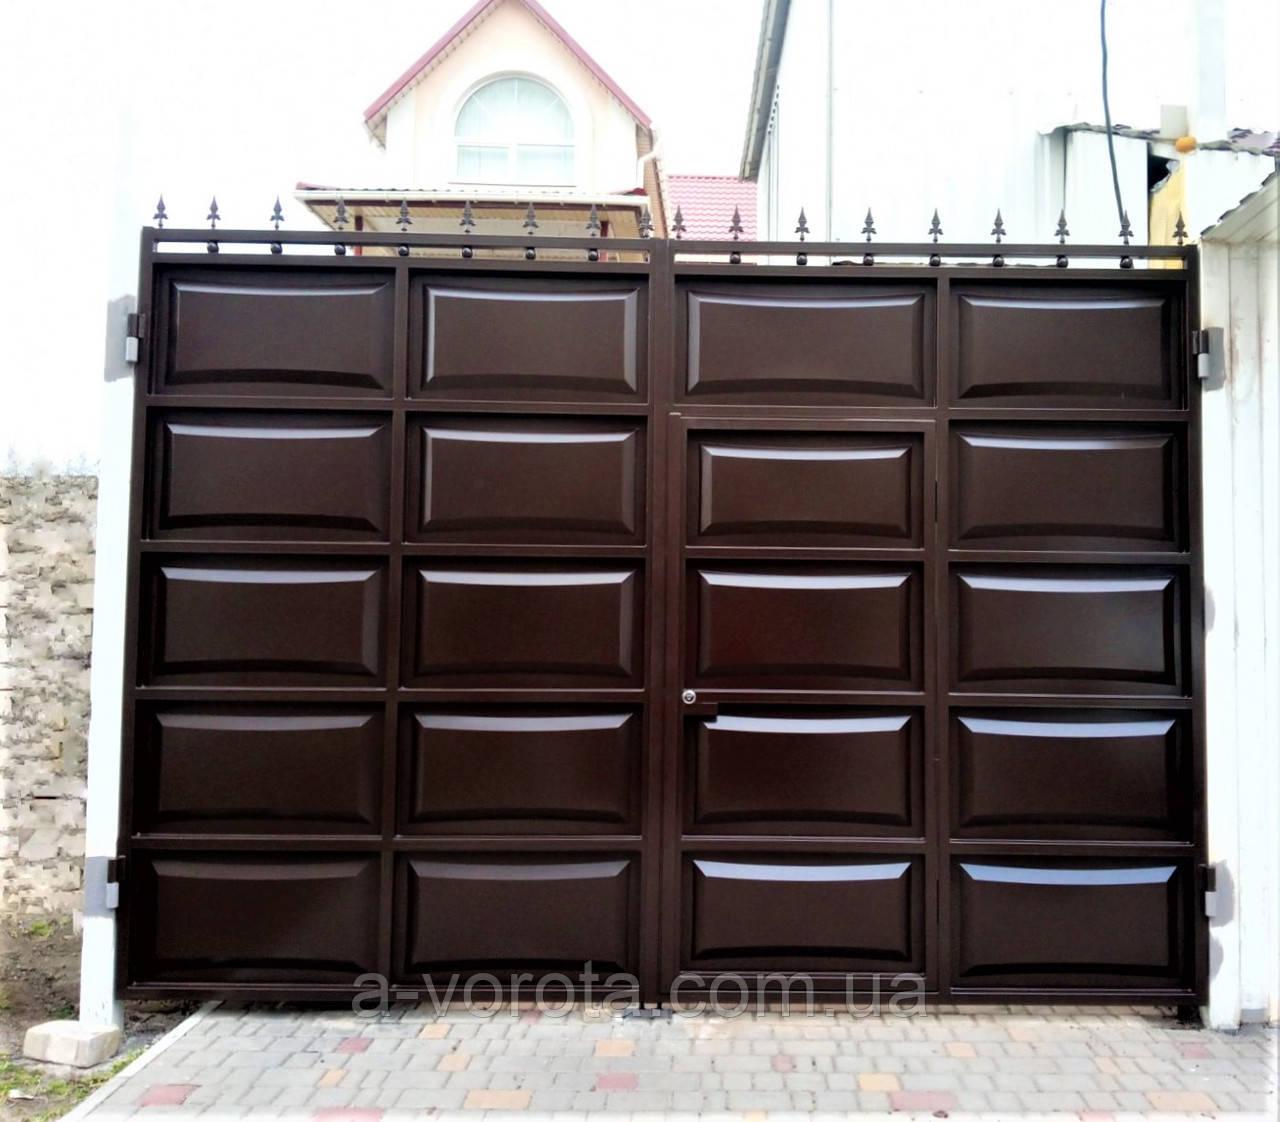 Распашные ворота со встроенной калиткой ш3400 в2500 (дизайн филёнка-линза+шарики и пики))